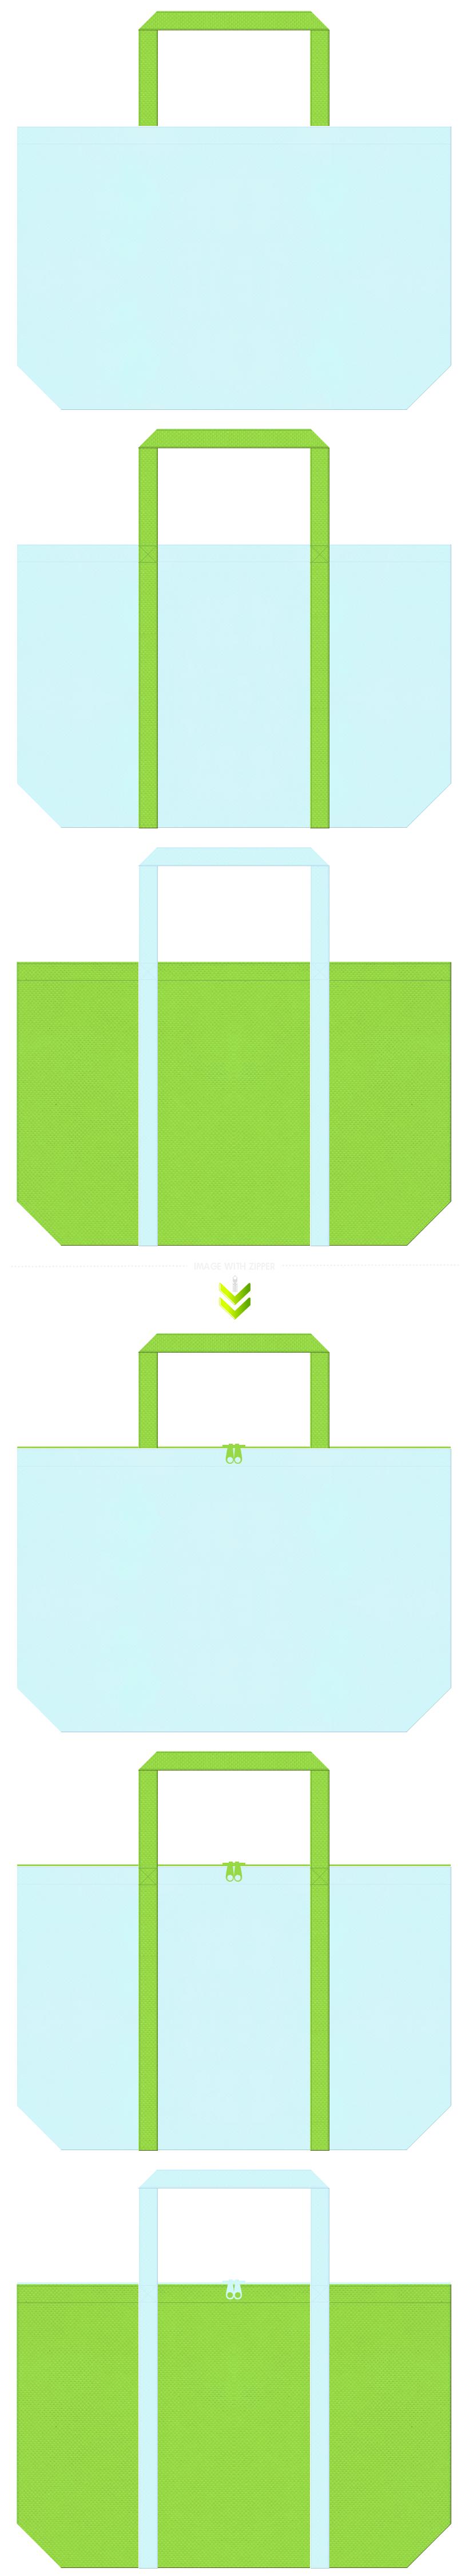 水色と黄緑色の不織布エコバッグのデザイン。水耕栽培のイメージにお奨めの配色です。